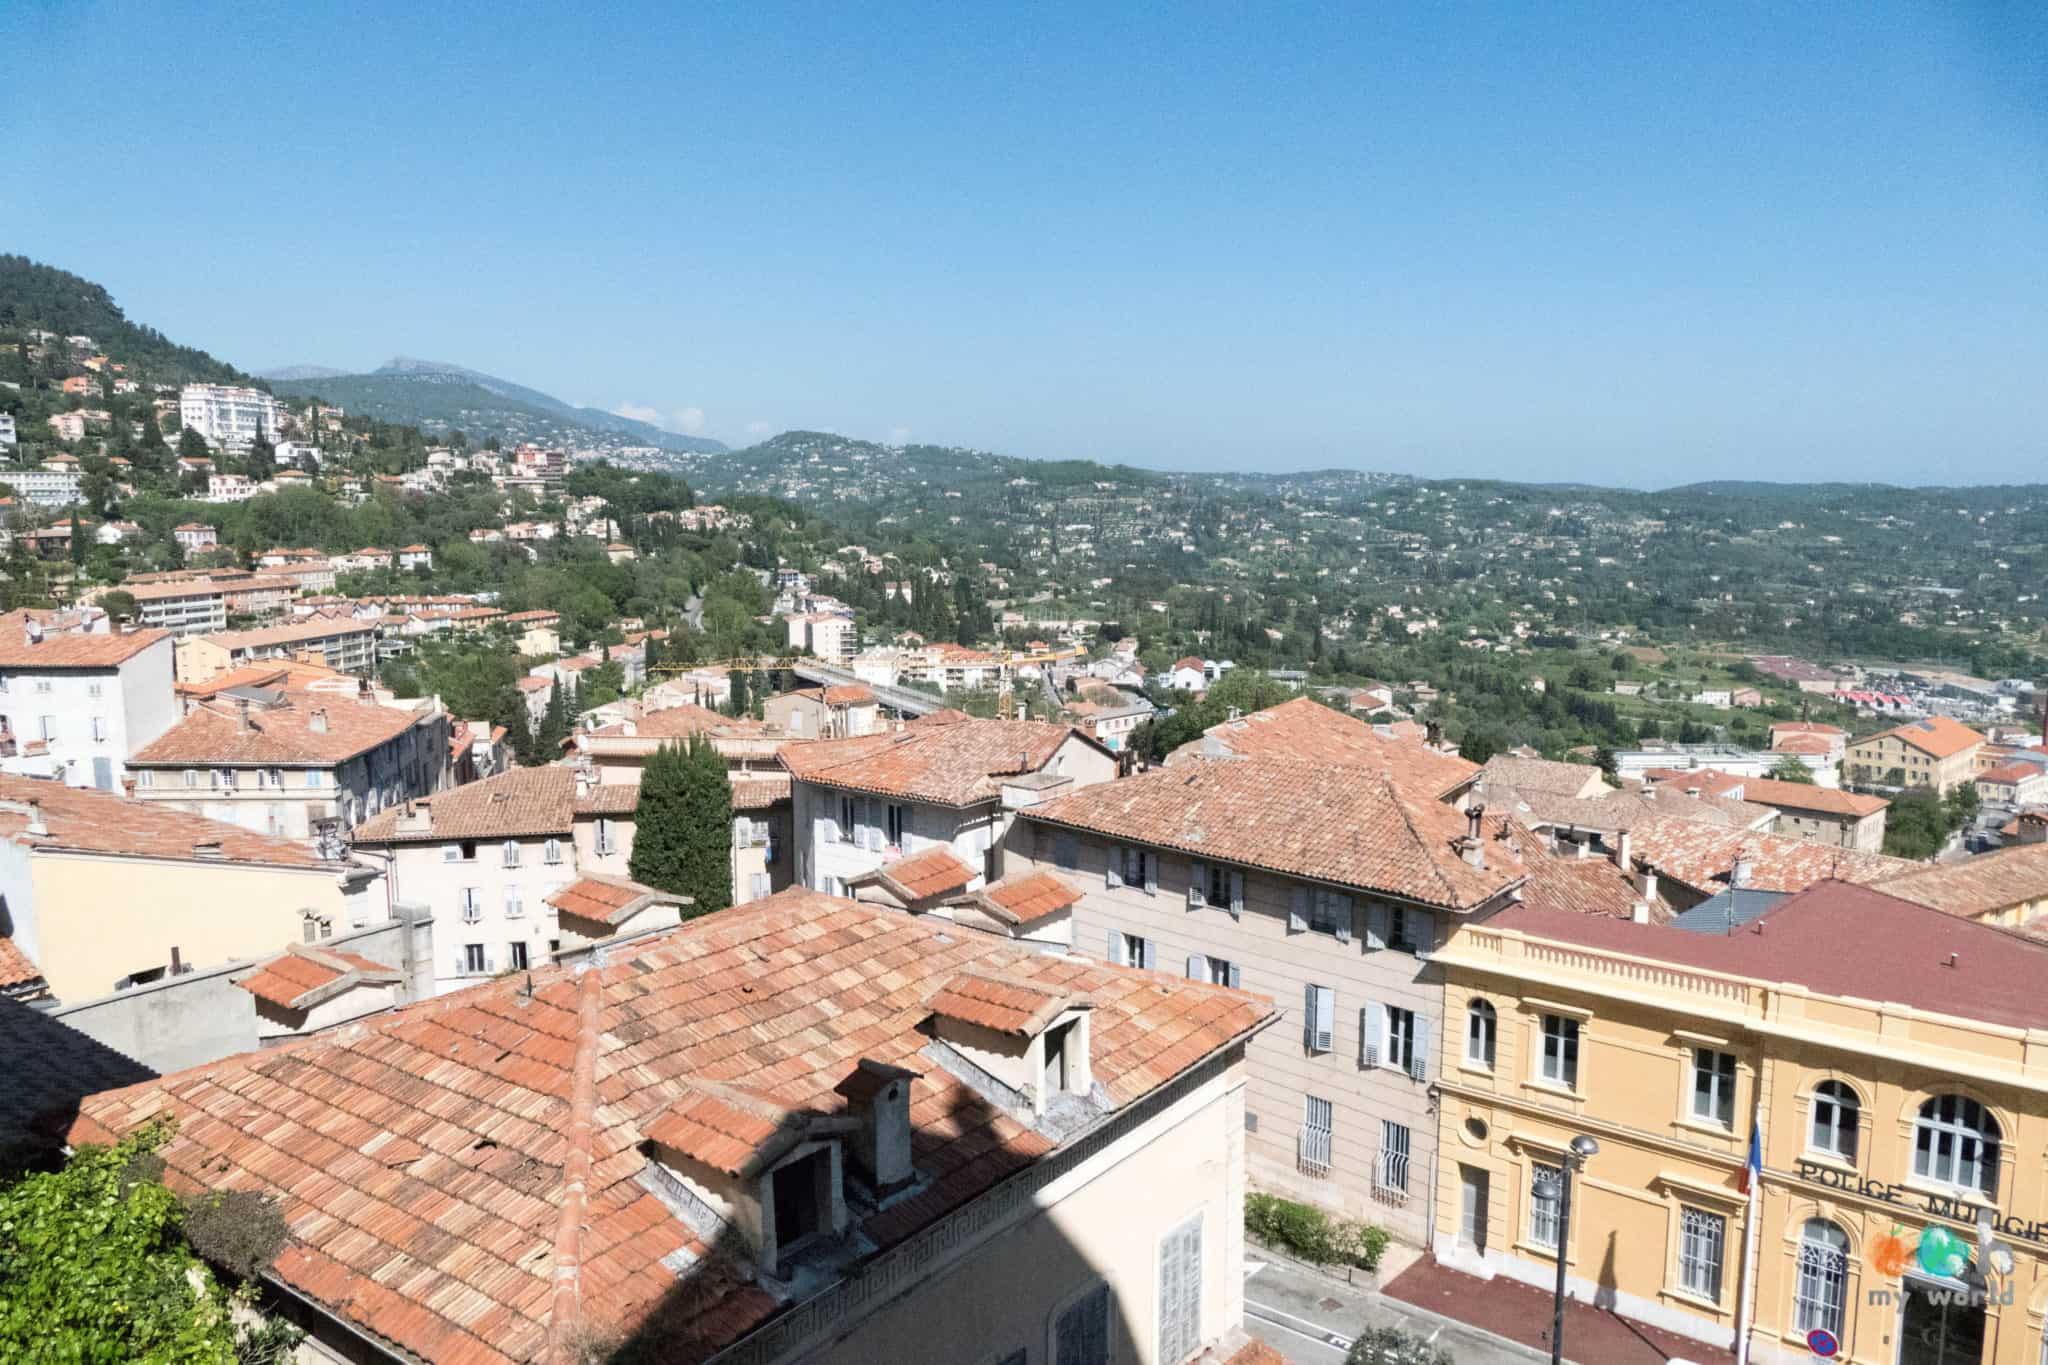 Vue incroyable de la région depuis le centre historique de Grasse